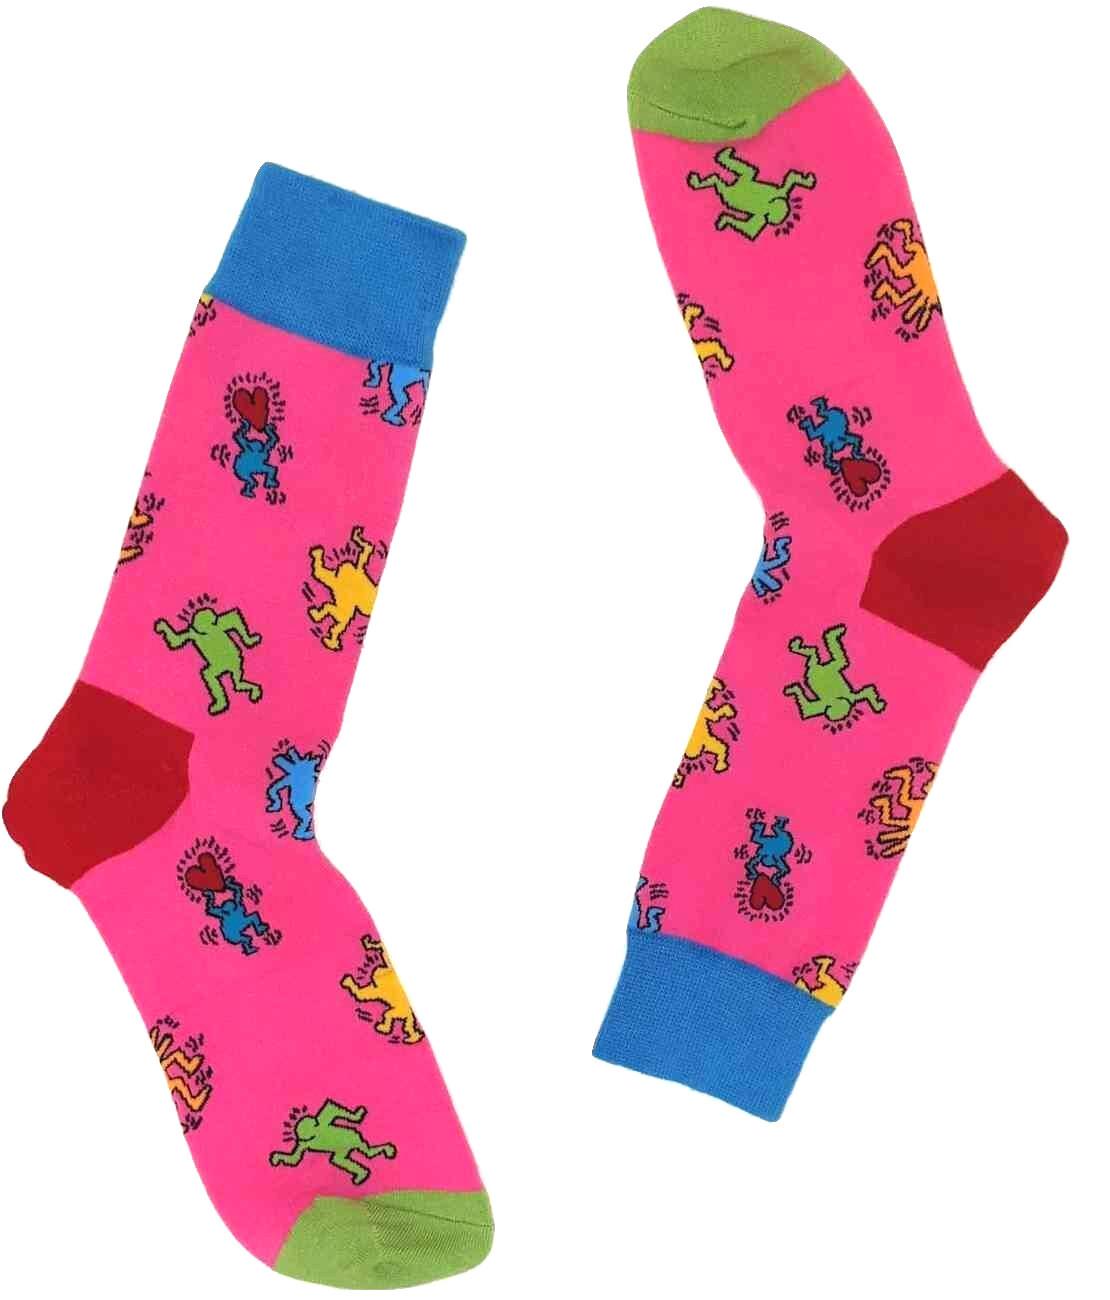 Lustige Männer Socken mit Leute (Pink)